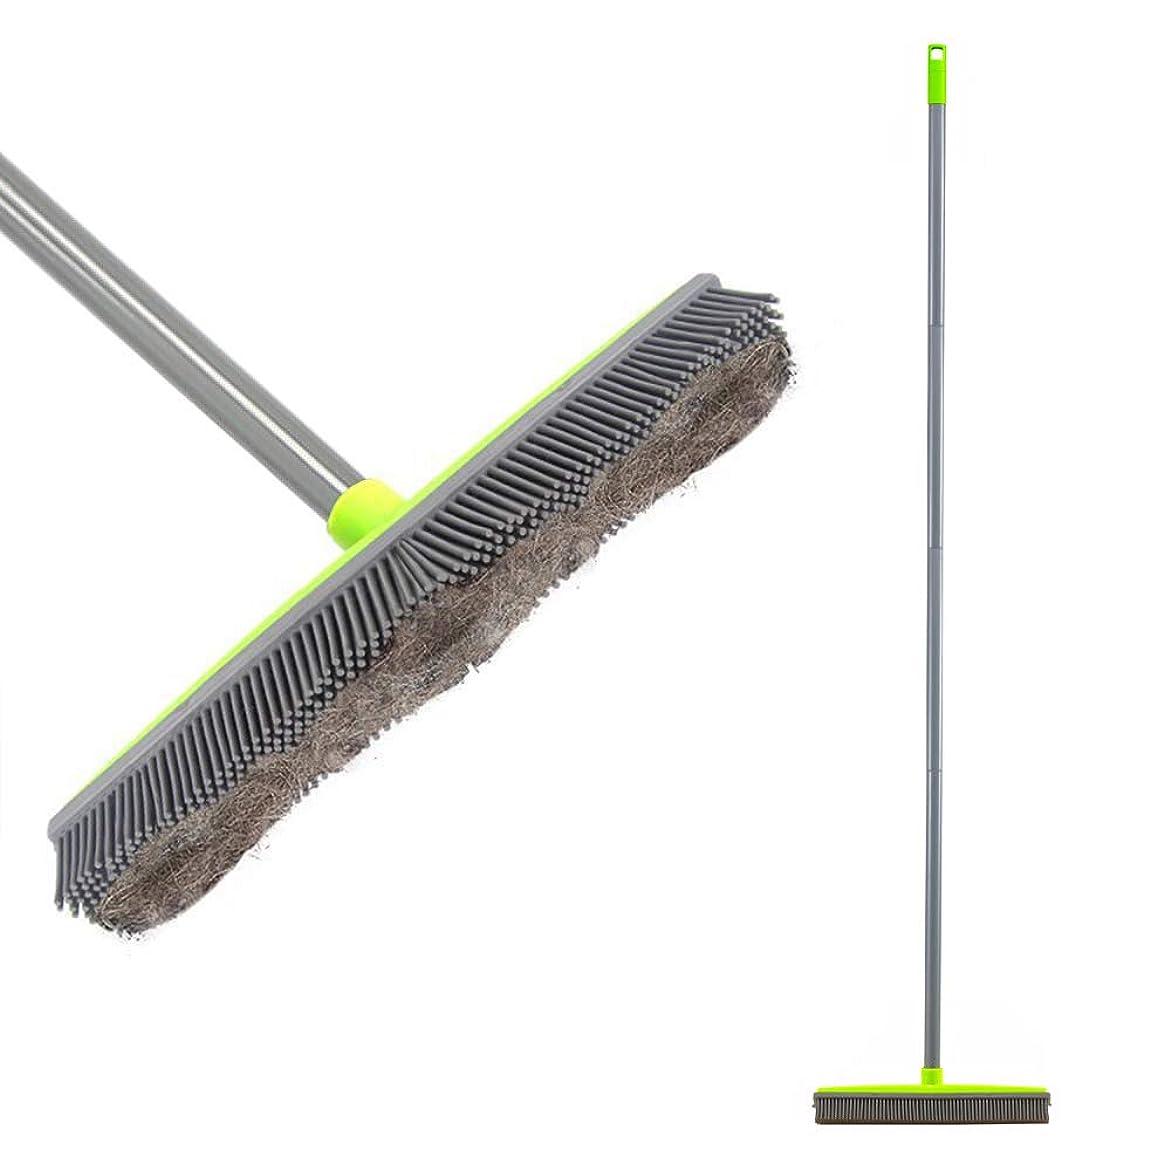 うま抽象安価なLandHope ゴムほうき 150CM長さハンドル カーペット掃除ブラシ ペットの毛 ほこり 木製床ブラシ 掃除用品